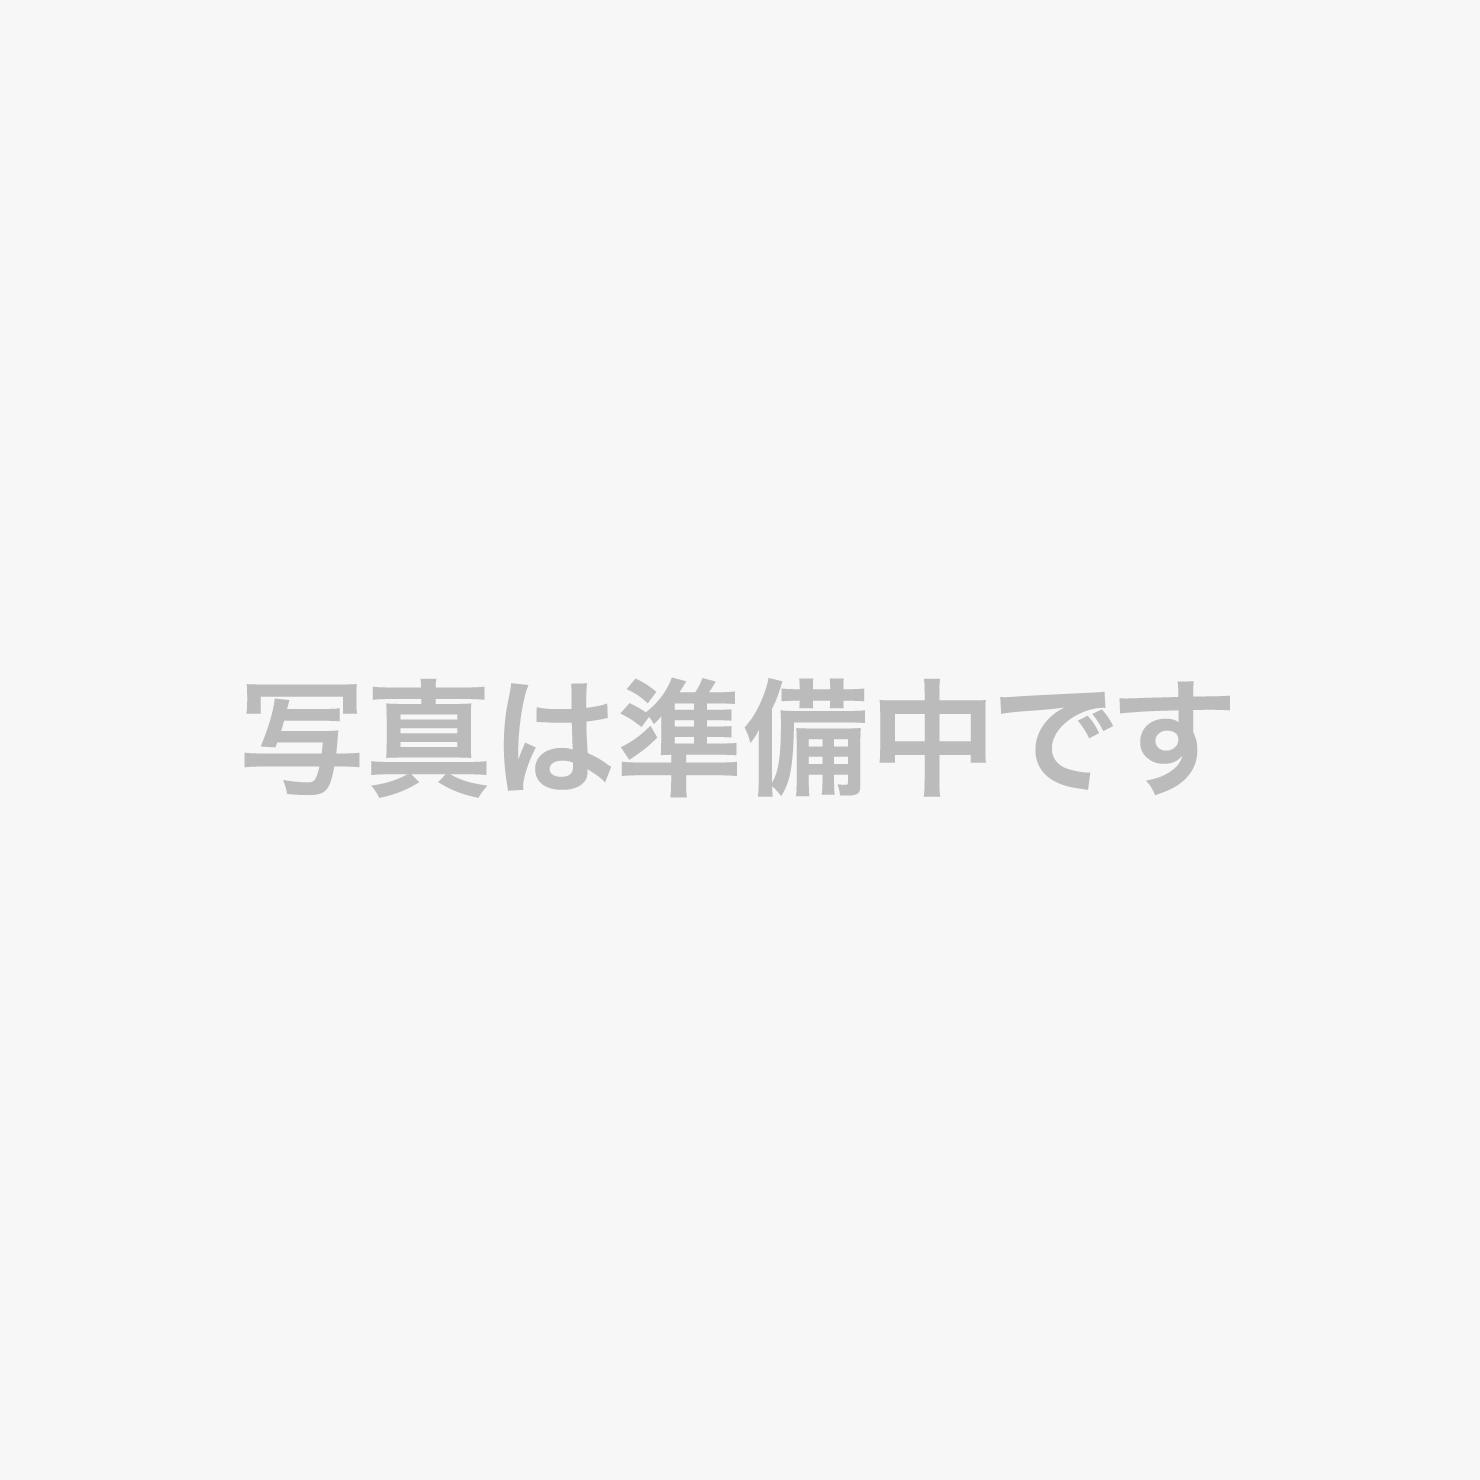 □9月19日(土)20日(日)21日(月)■10月24日(土)31日(土)□11月14日(土)※20:00頃より約2分間打上予定となります。※悪天候や状況により急遽変更・中止する場合がございます。